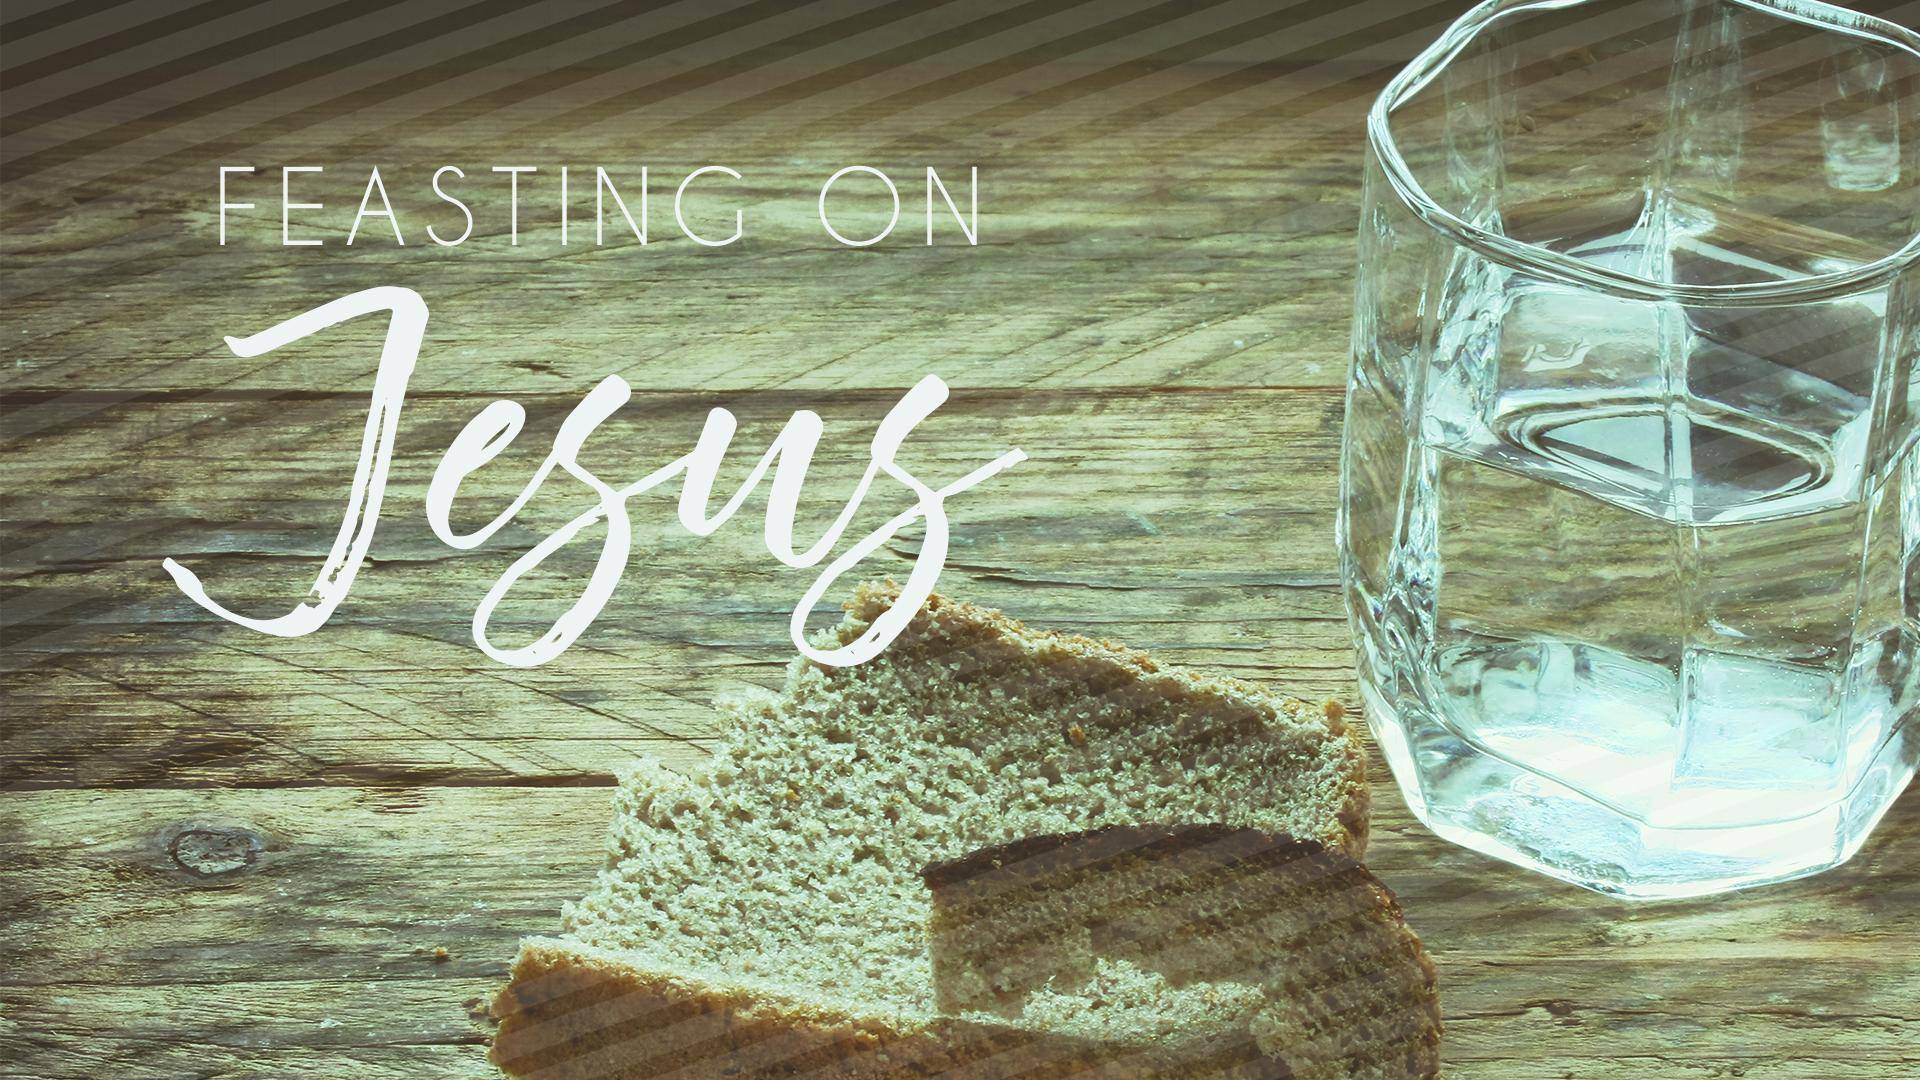 Feasting On Jesus